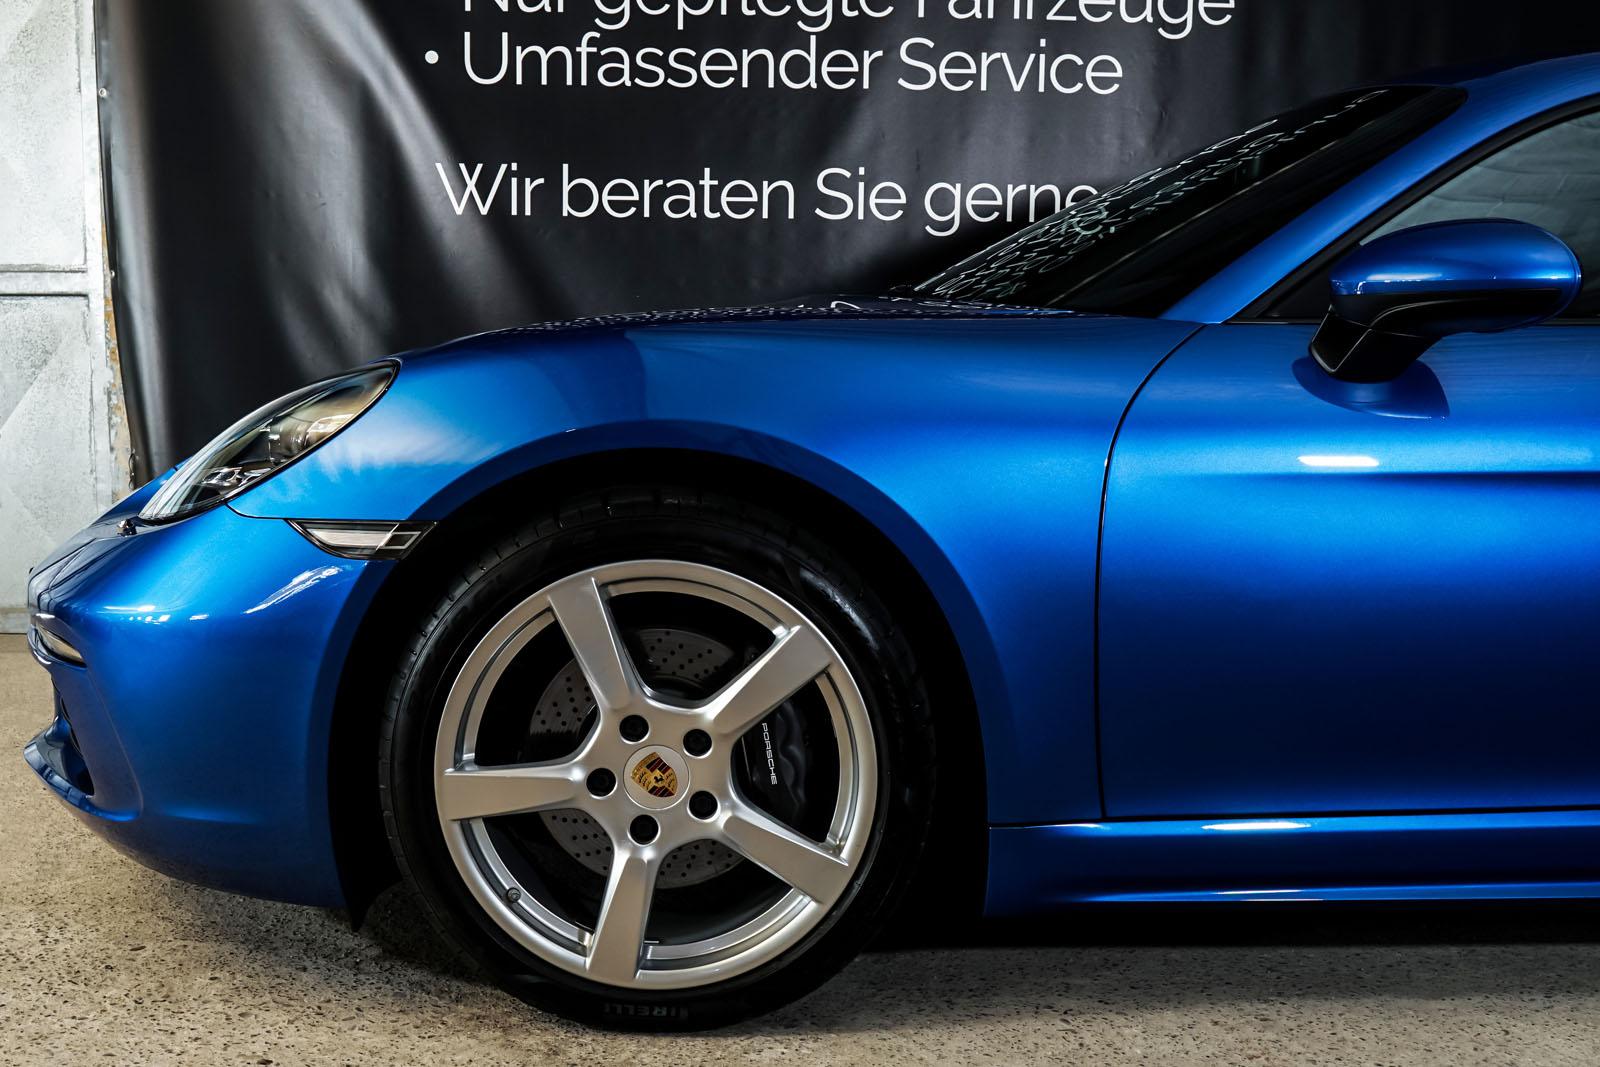 Porsche_Cayman_Blau_Schwarz_POR-0613_3_w